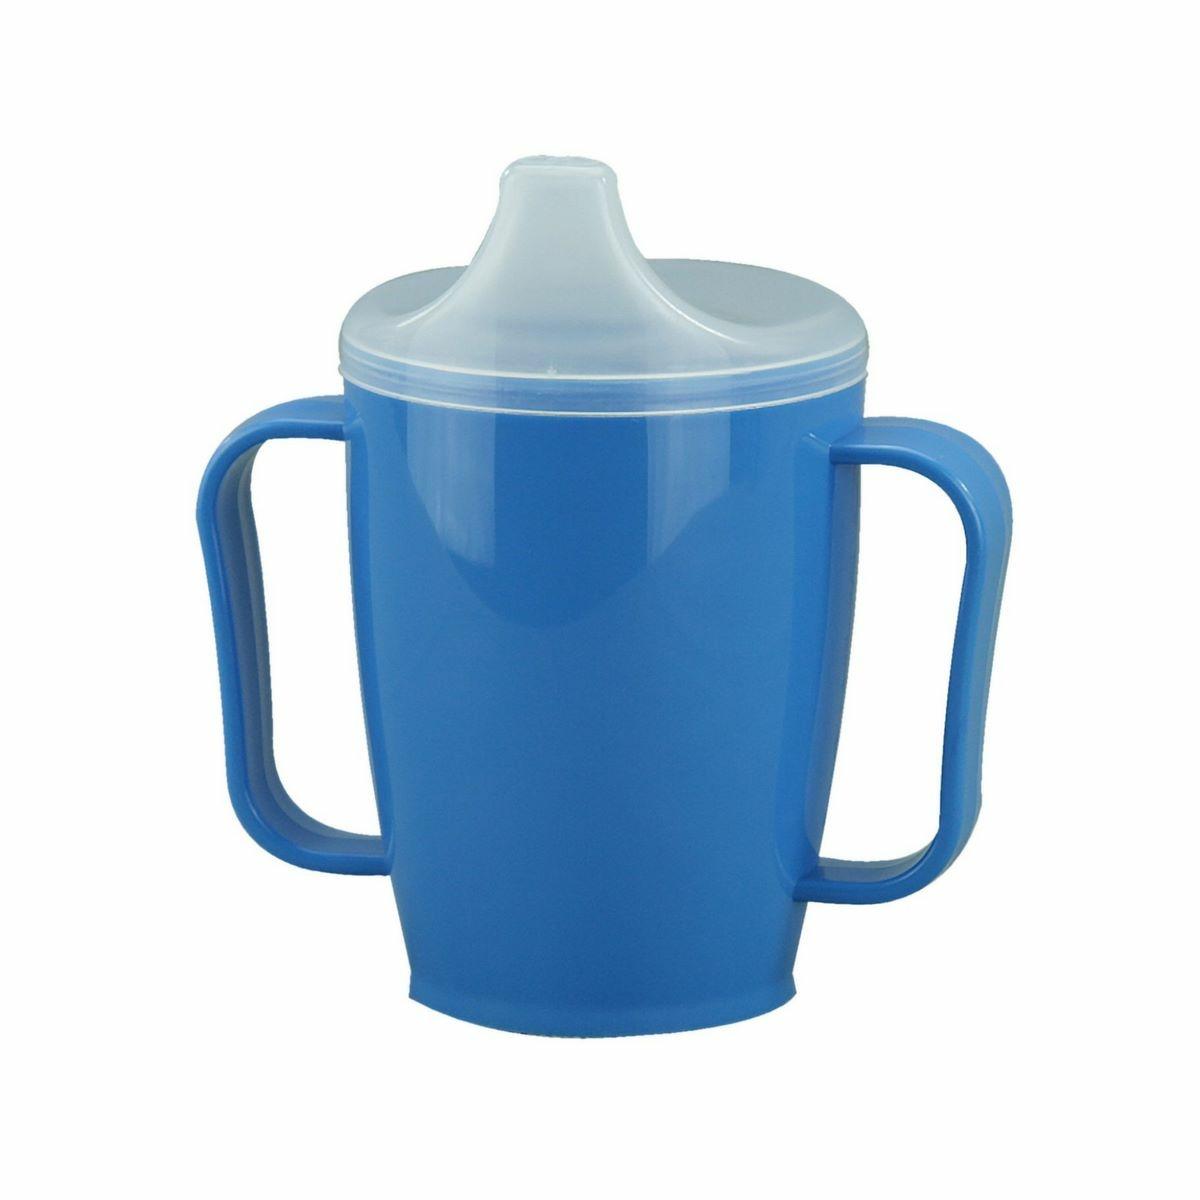 Hrnek s pítkem se dvěma víčky 250 ml, modrá